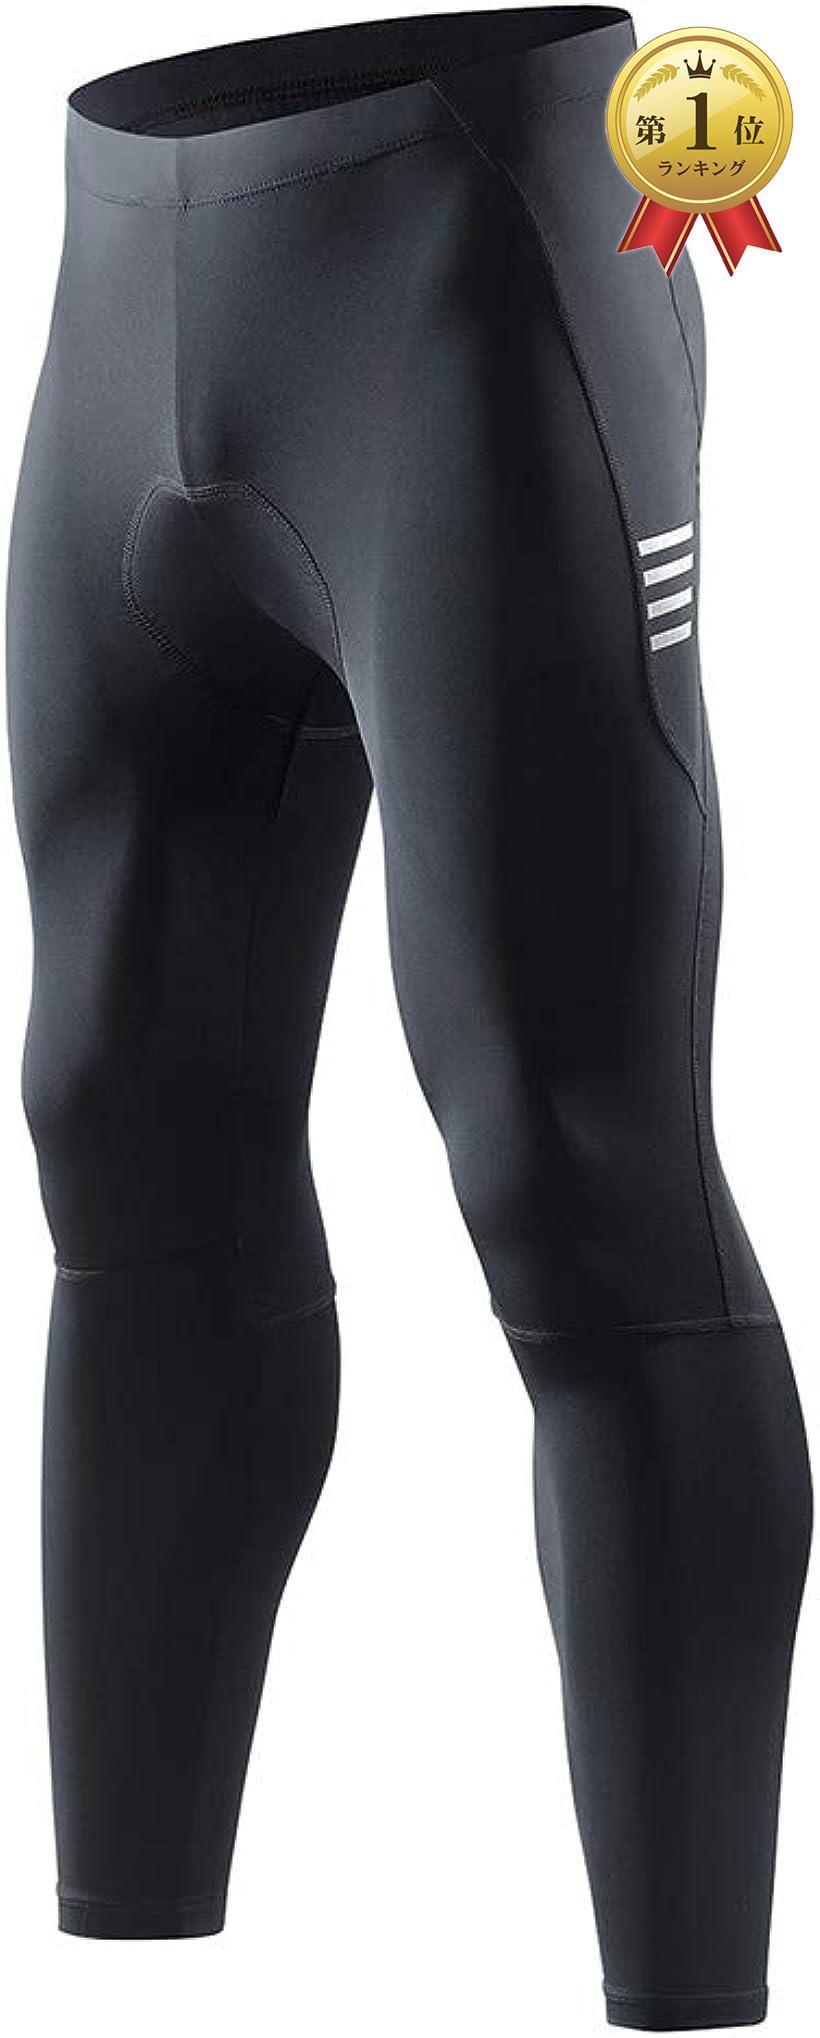 直営ストア Santic サンティック メンズ サイクルパンツ 初回限定 サイクルタイツ 4Dパッド付き レーサーパンツ ロードバイク 春夏用 ブラック XL ロング